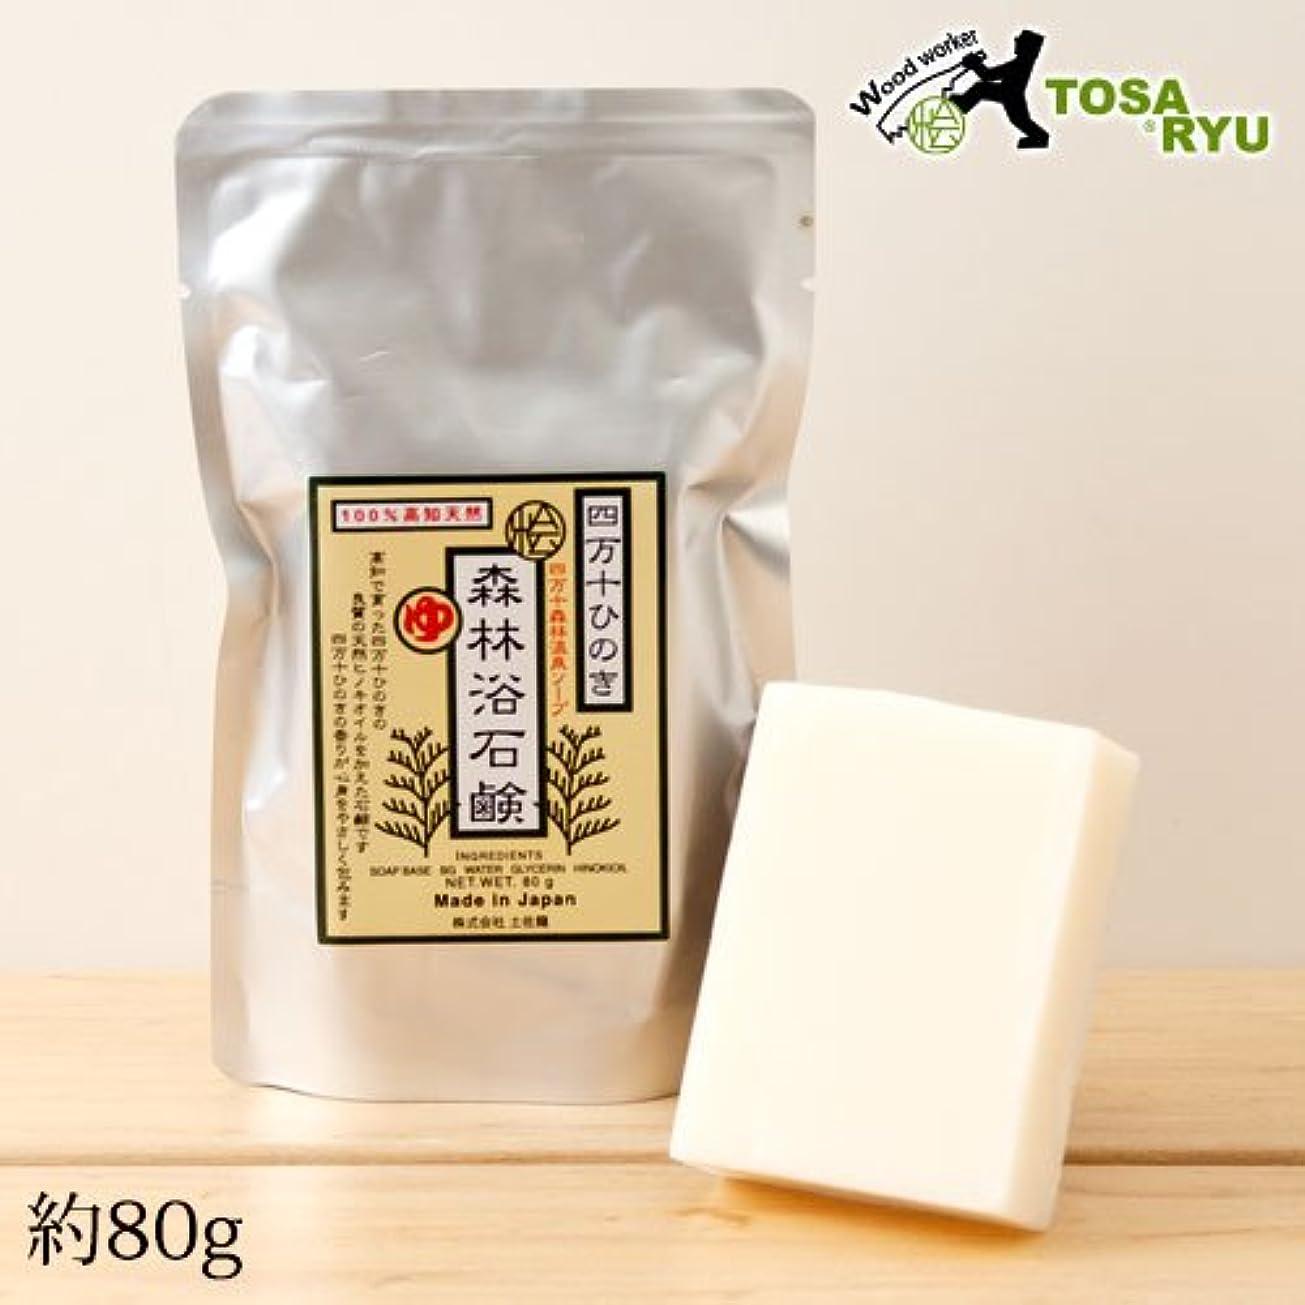 土佐龍四万十森林温泉石鹸ひのきの香りのアロマソープ高知県の工芸品Aroma soap scent of cypress, Kochi craft